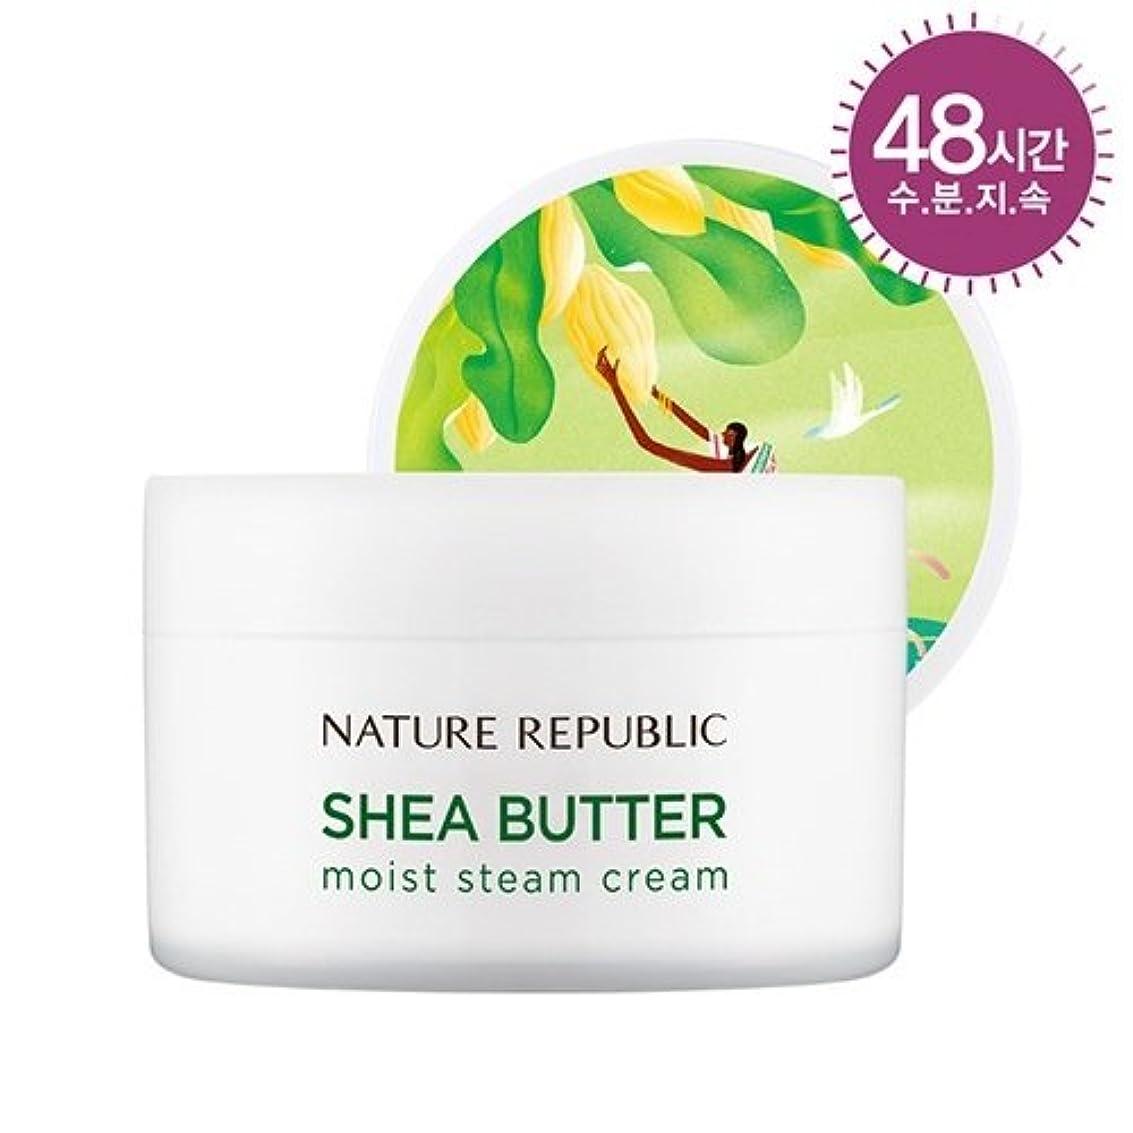 解体するヒギンズ香ばしいNATURE REPUBLIC(ネイチャーリパブリック) SHEA BUTTER STEAM CREAM シアバター スチーム クリーム #モイスト乾燥肌